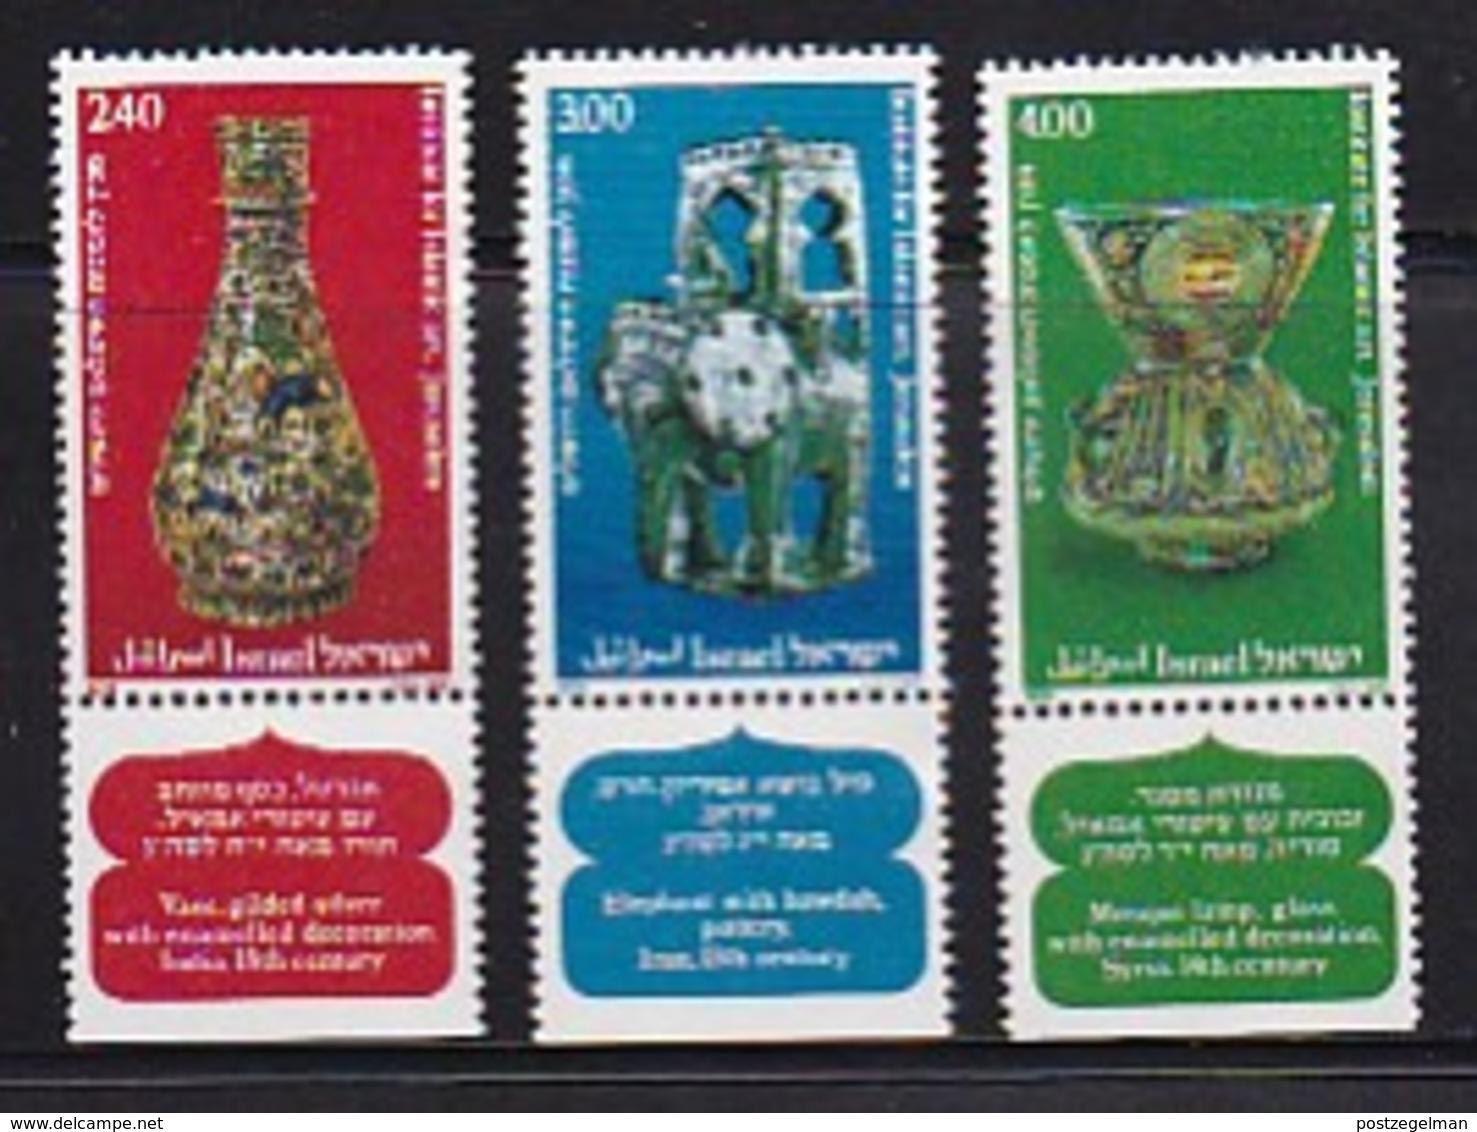 ISRAEL, 1978, Unused Hinged Stamp(s), With Tab, Islamic Art Jerusalem, SG735-737, Scannr. 17490 - Israel